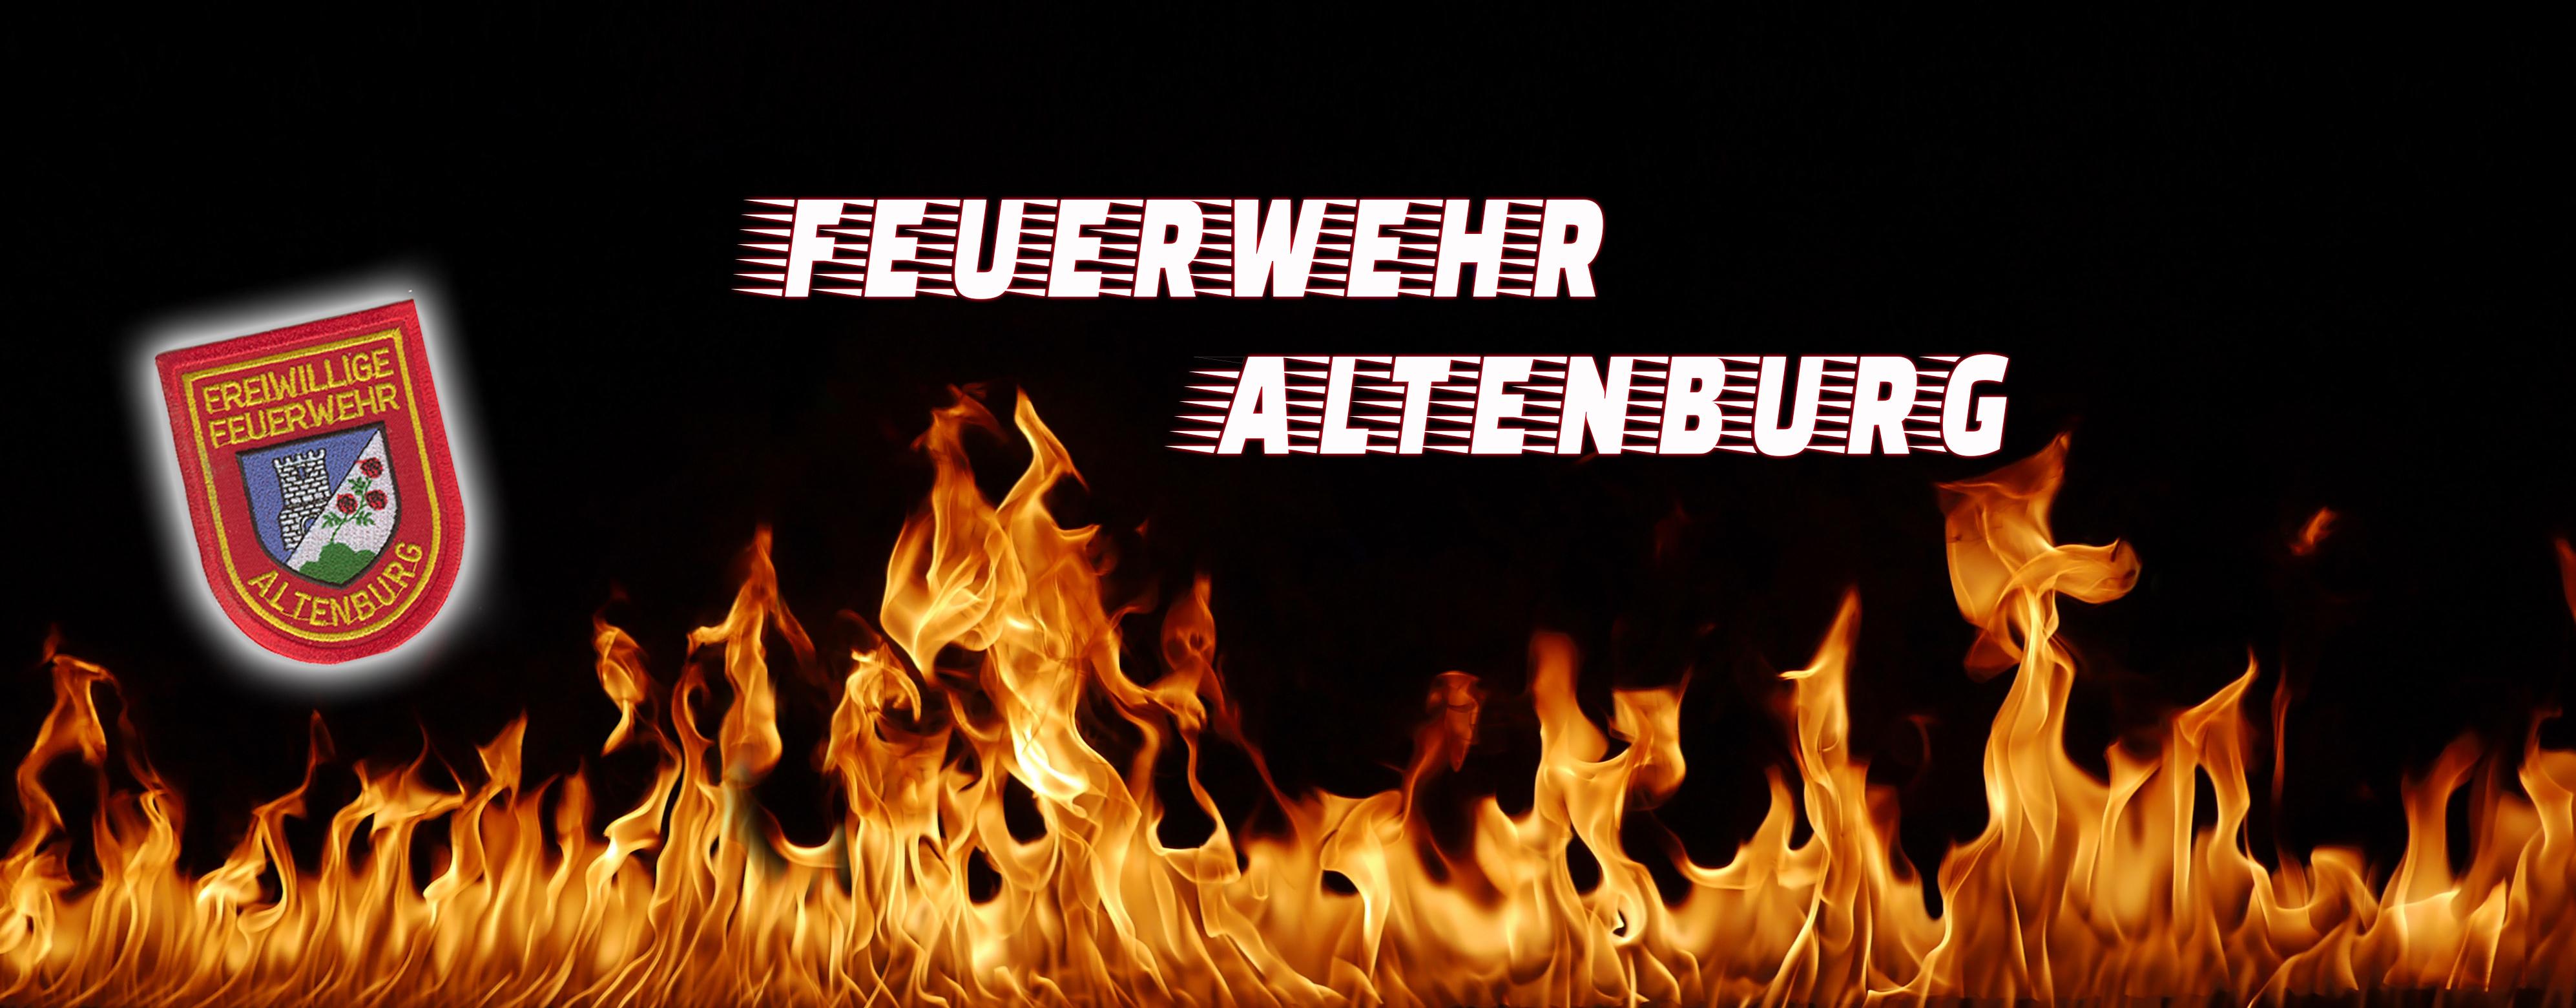 Freiwillige Feuerwehr Altenburg